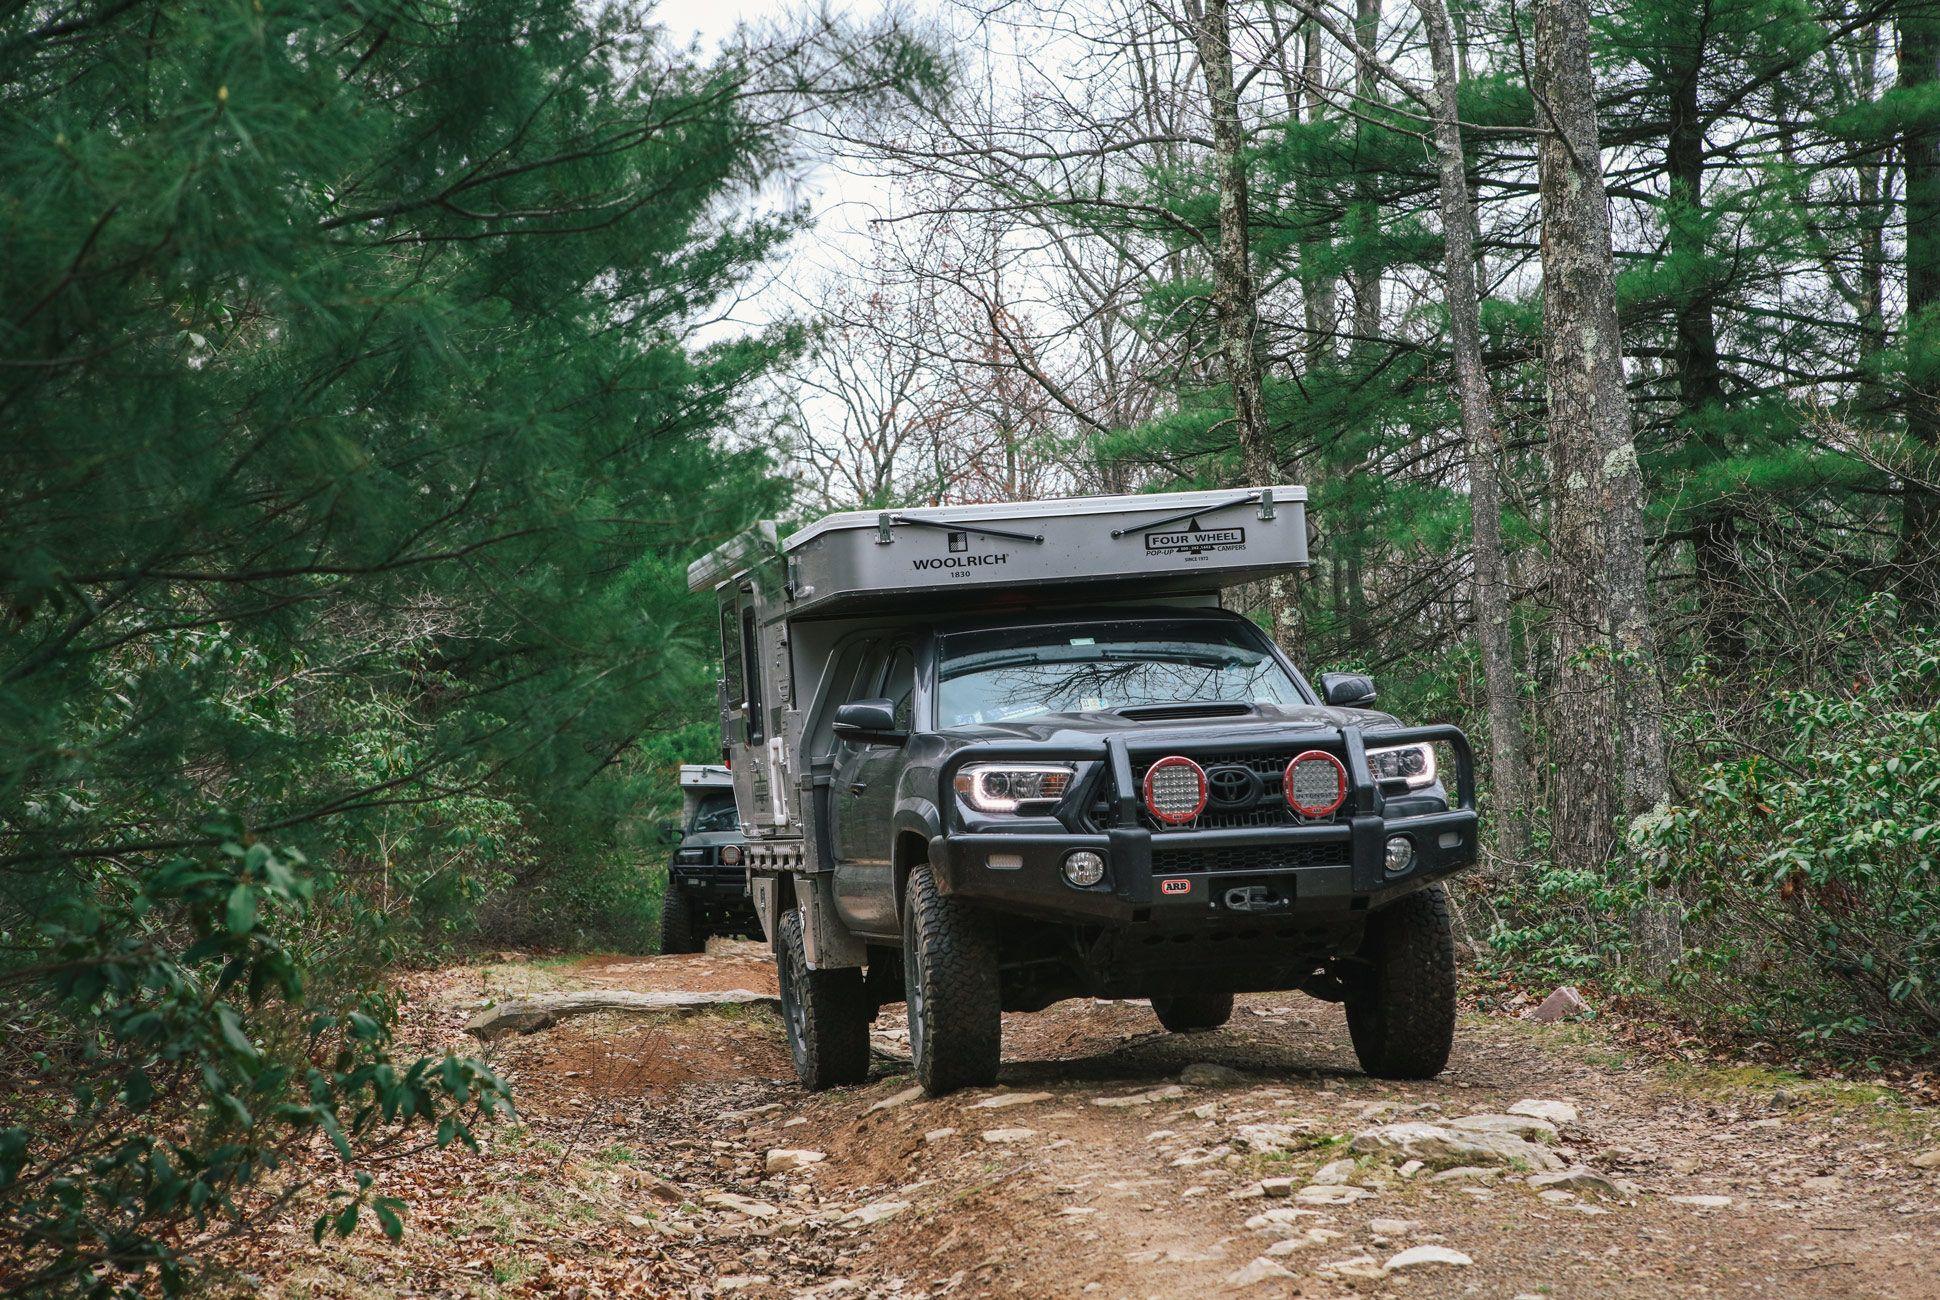 Woolrich-Truck-Gear-Patrol-11